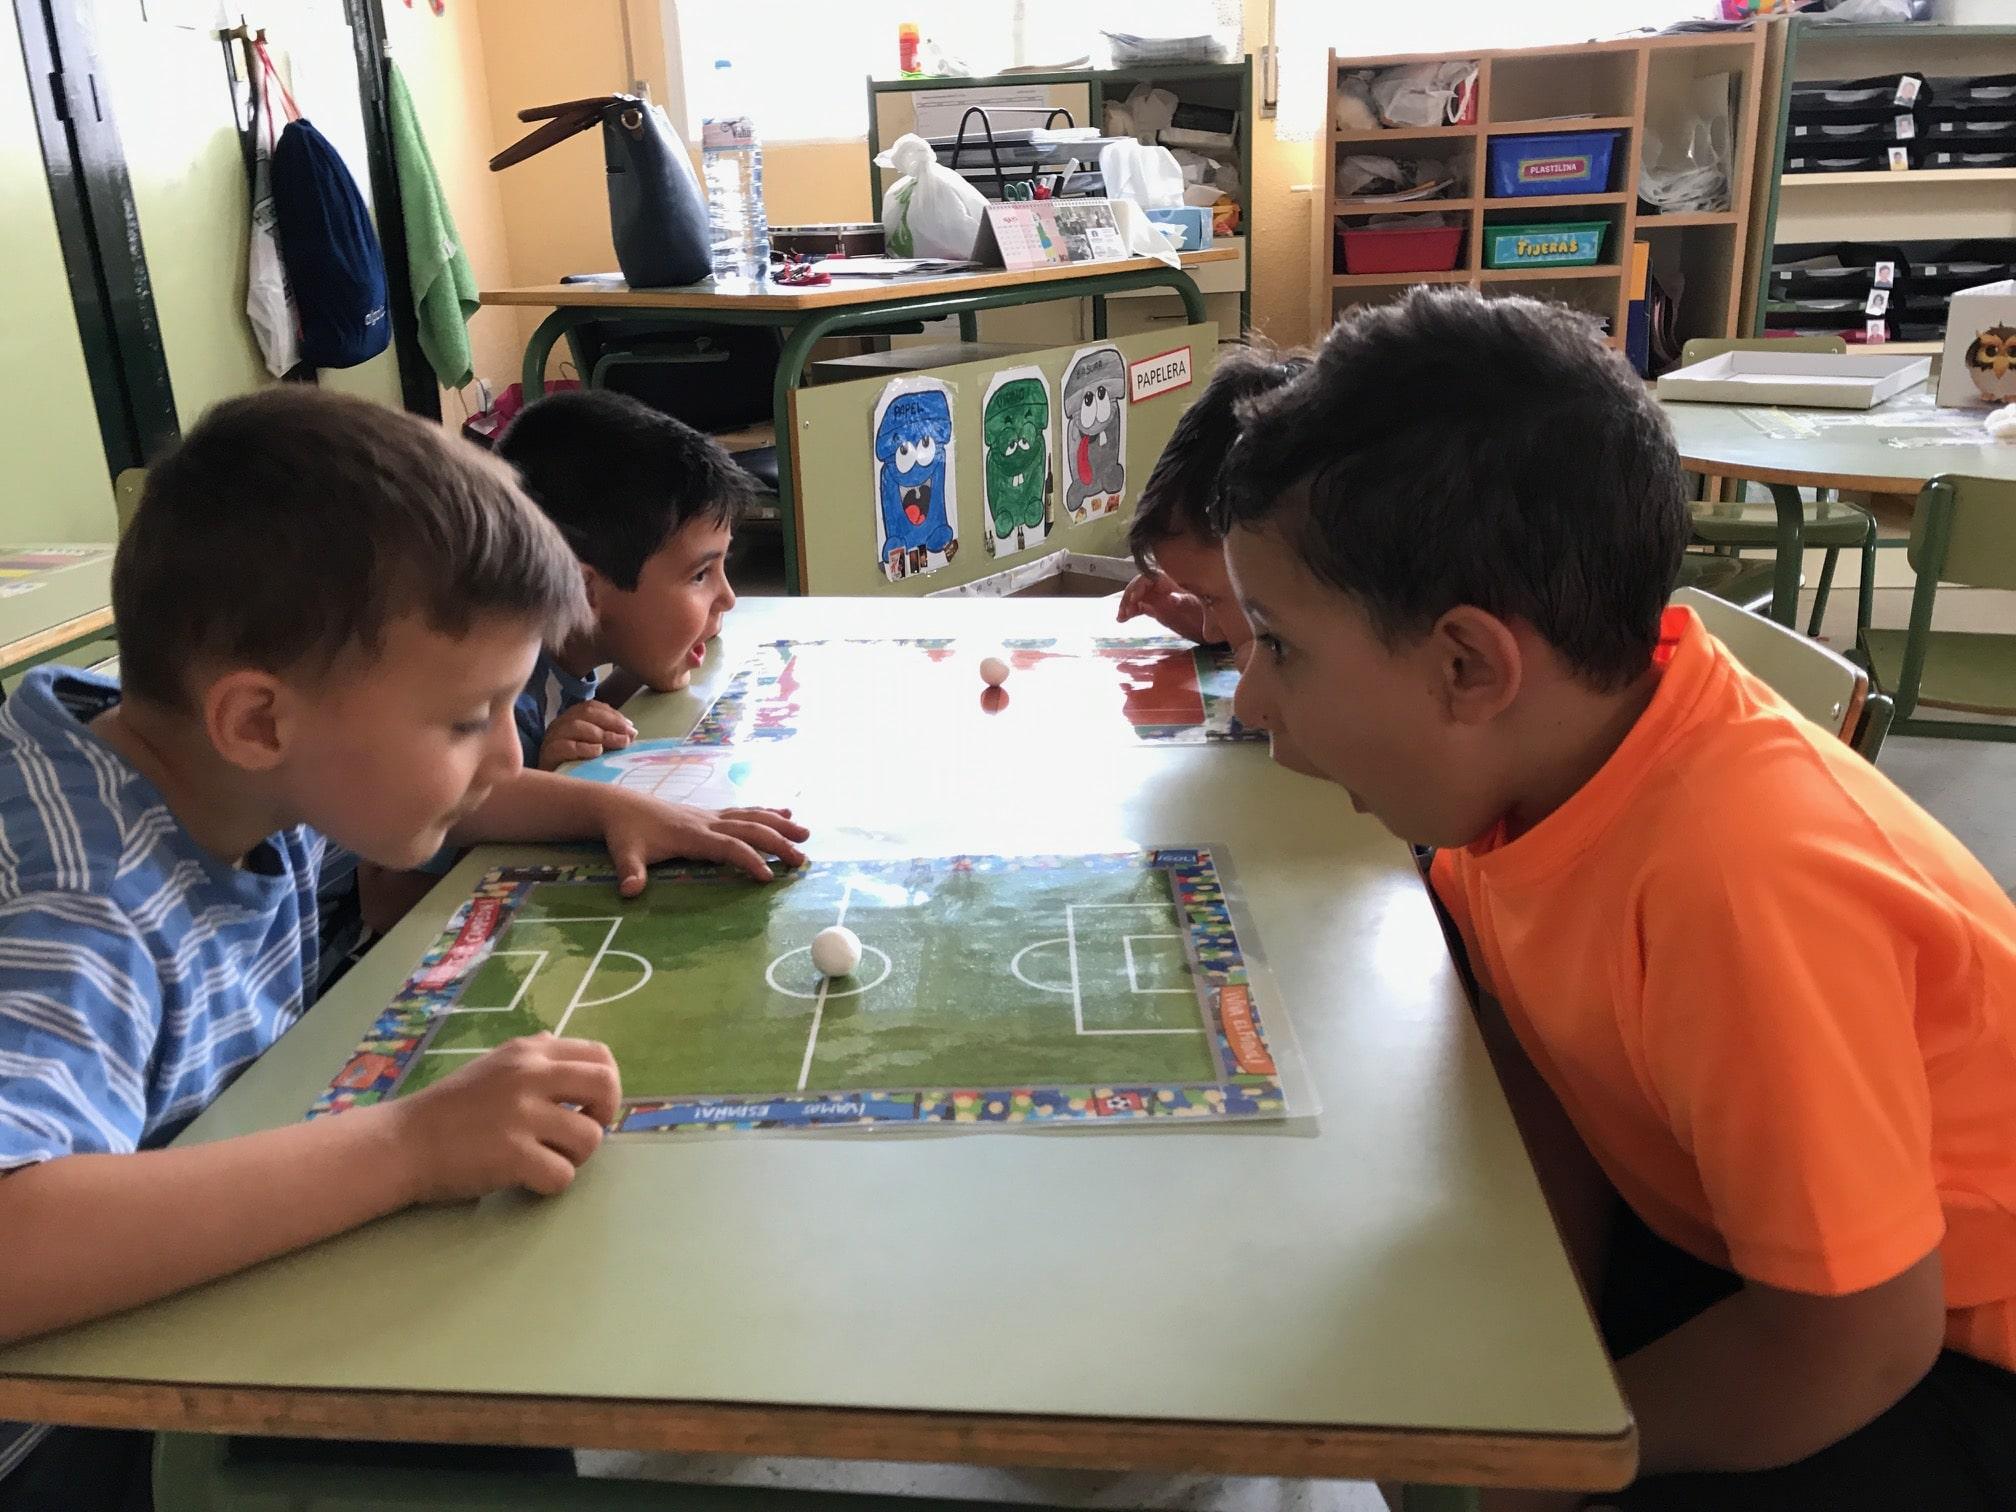 La estimulación del lenguaje oral a través de la narración y el juego, 'in english'